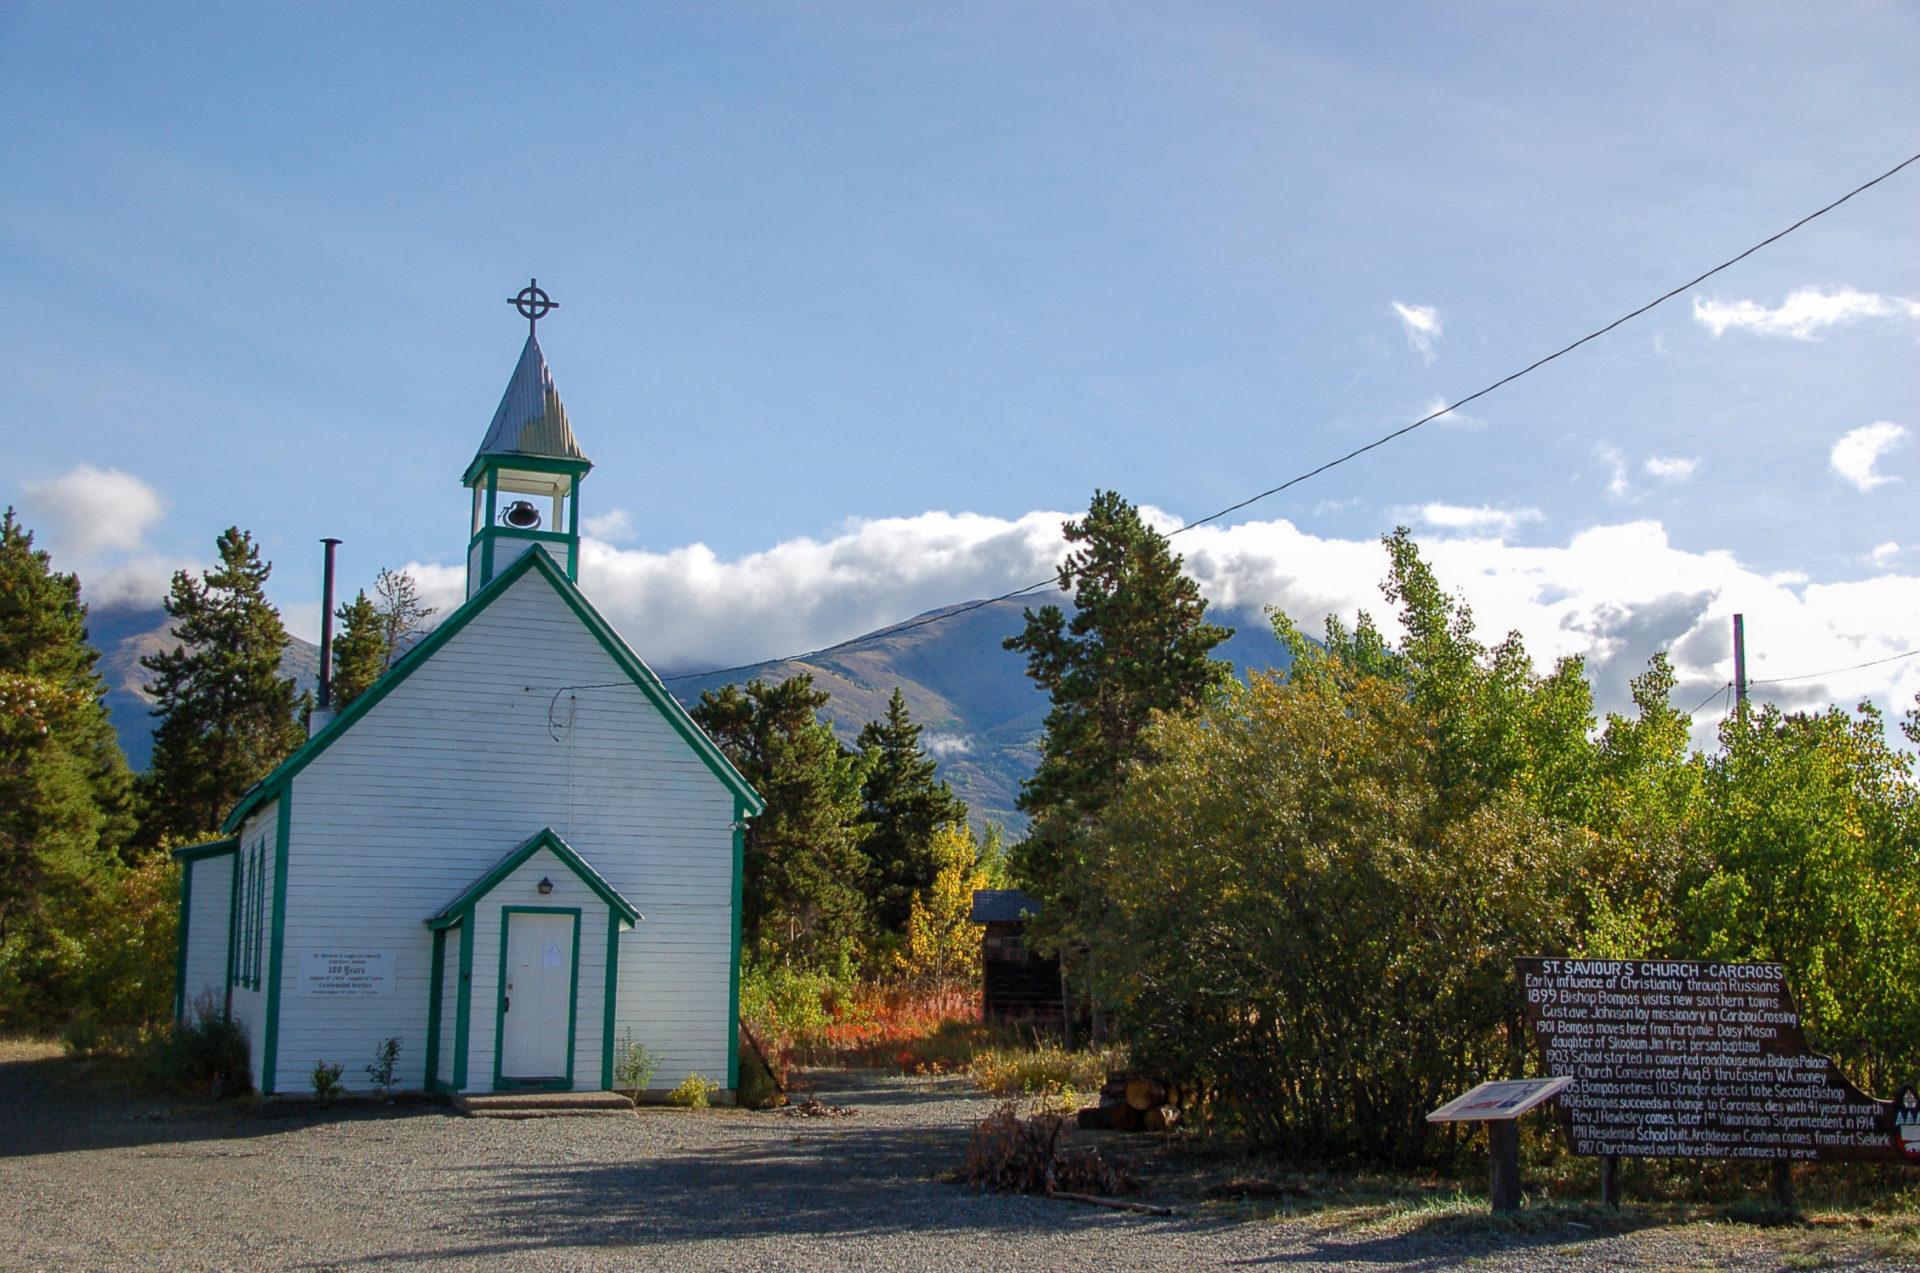 Eine alte Holzkapelle am Rande von Carcross Desert im Yukon